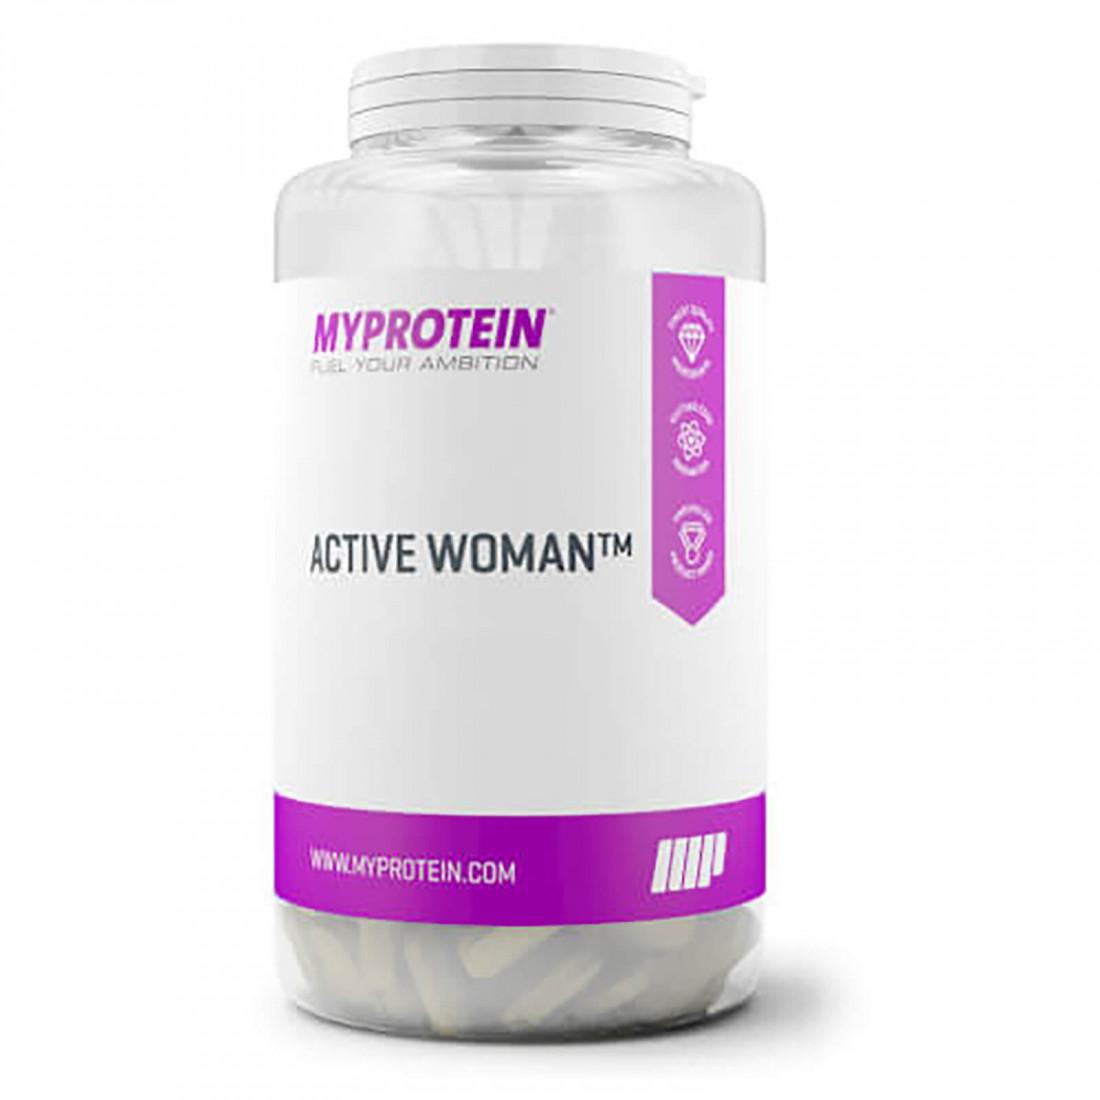 Myprotein active woman витамины отзывы